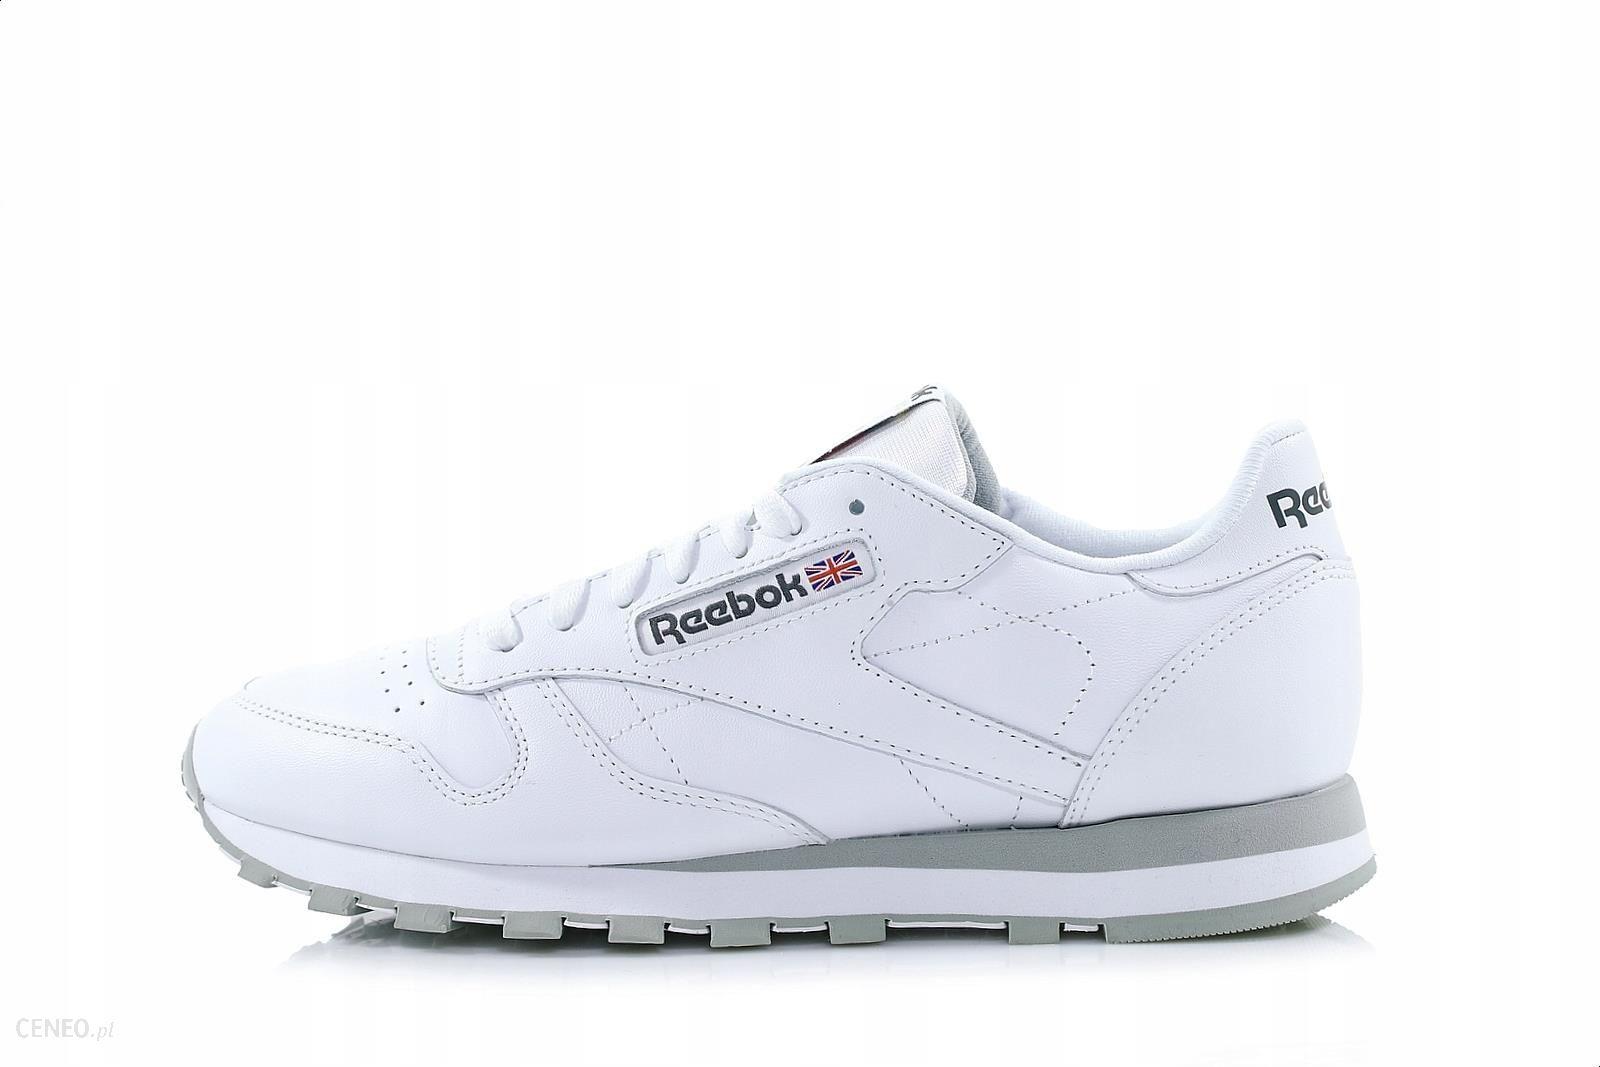 Reebok Classic Leather Sneakersy Męskie 2214 40